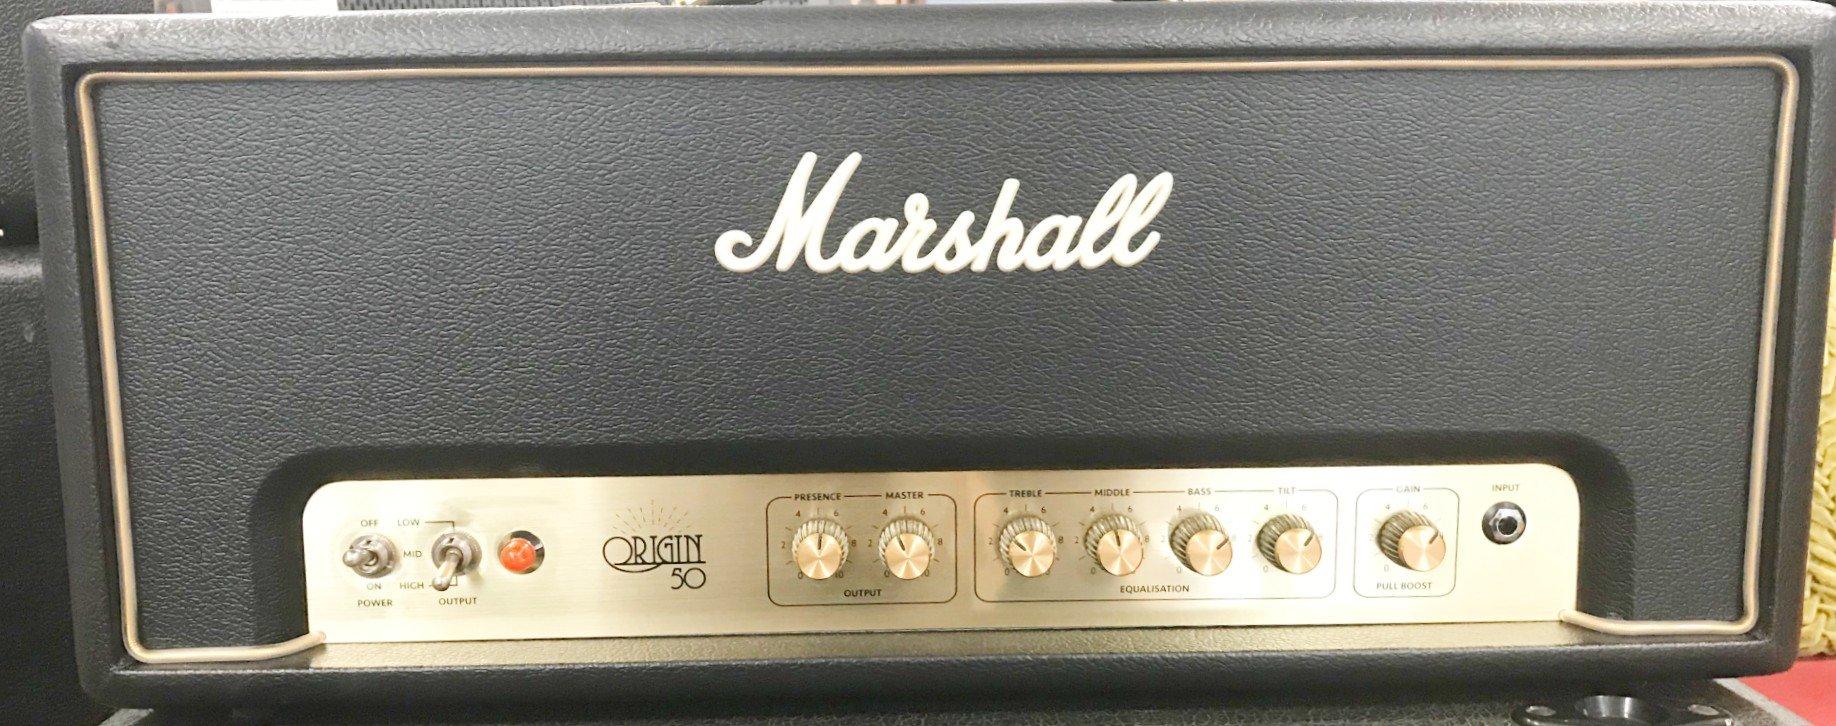 Used Marshall Origin 50 Head